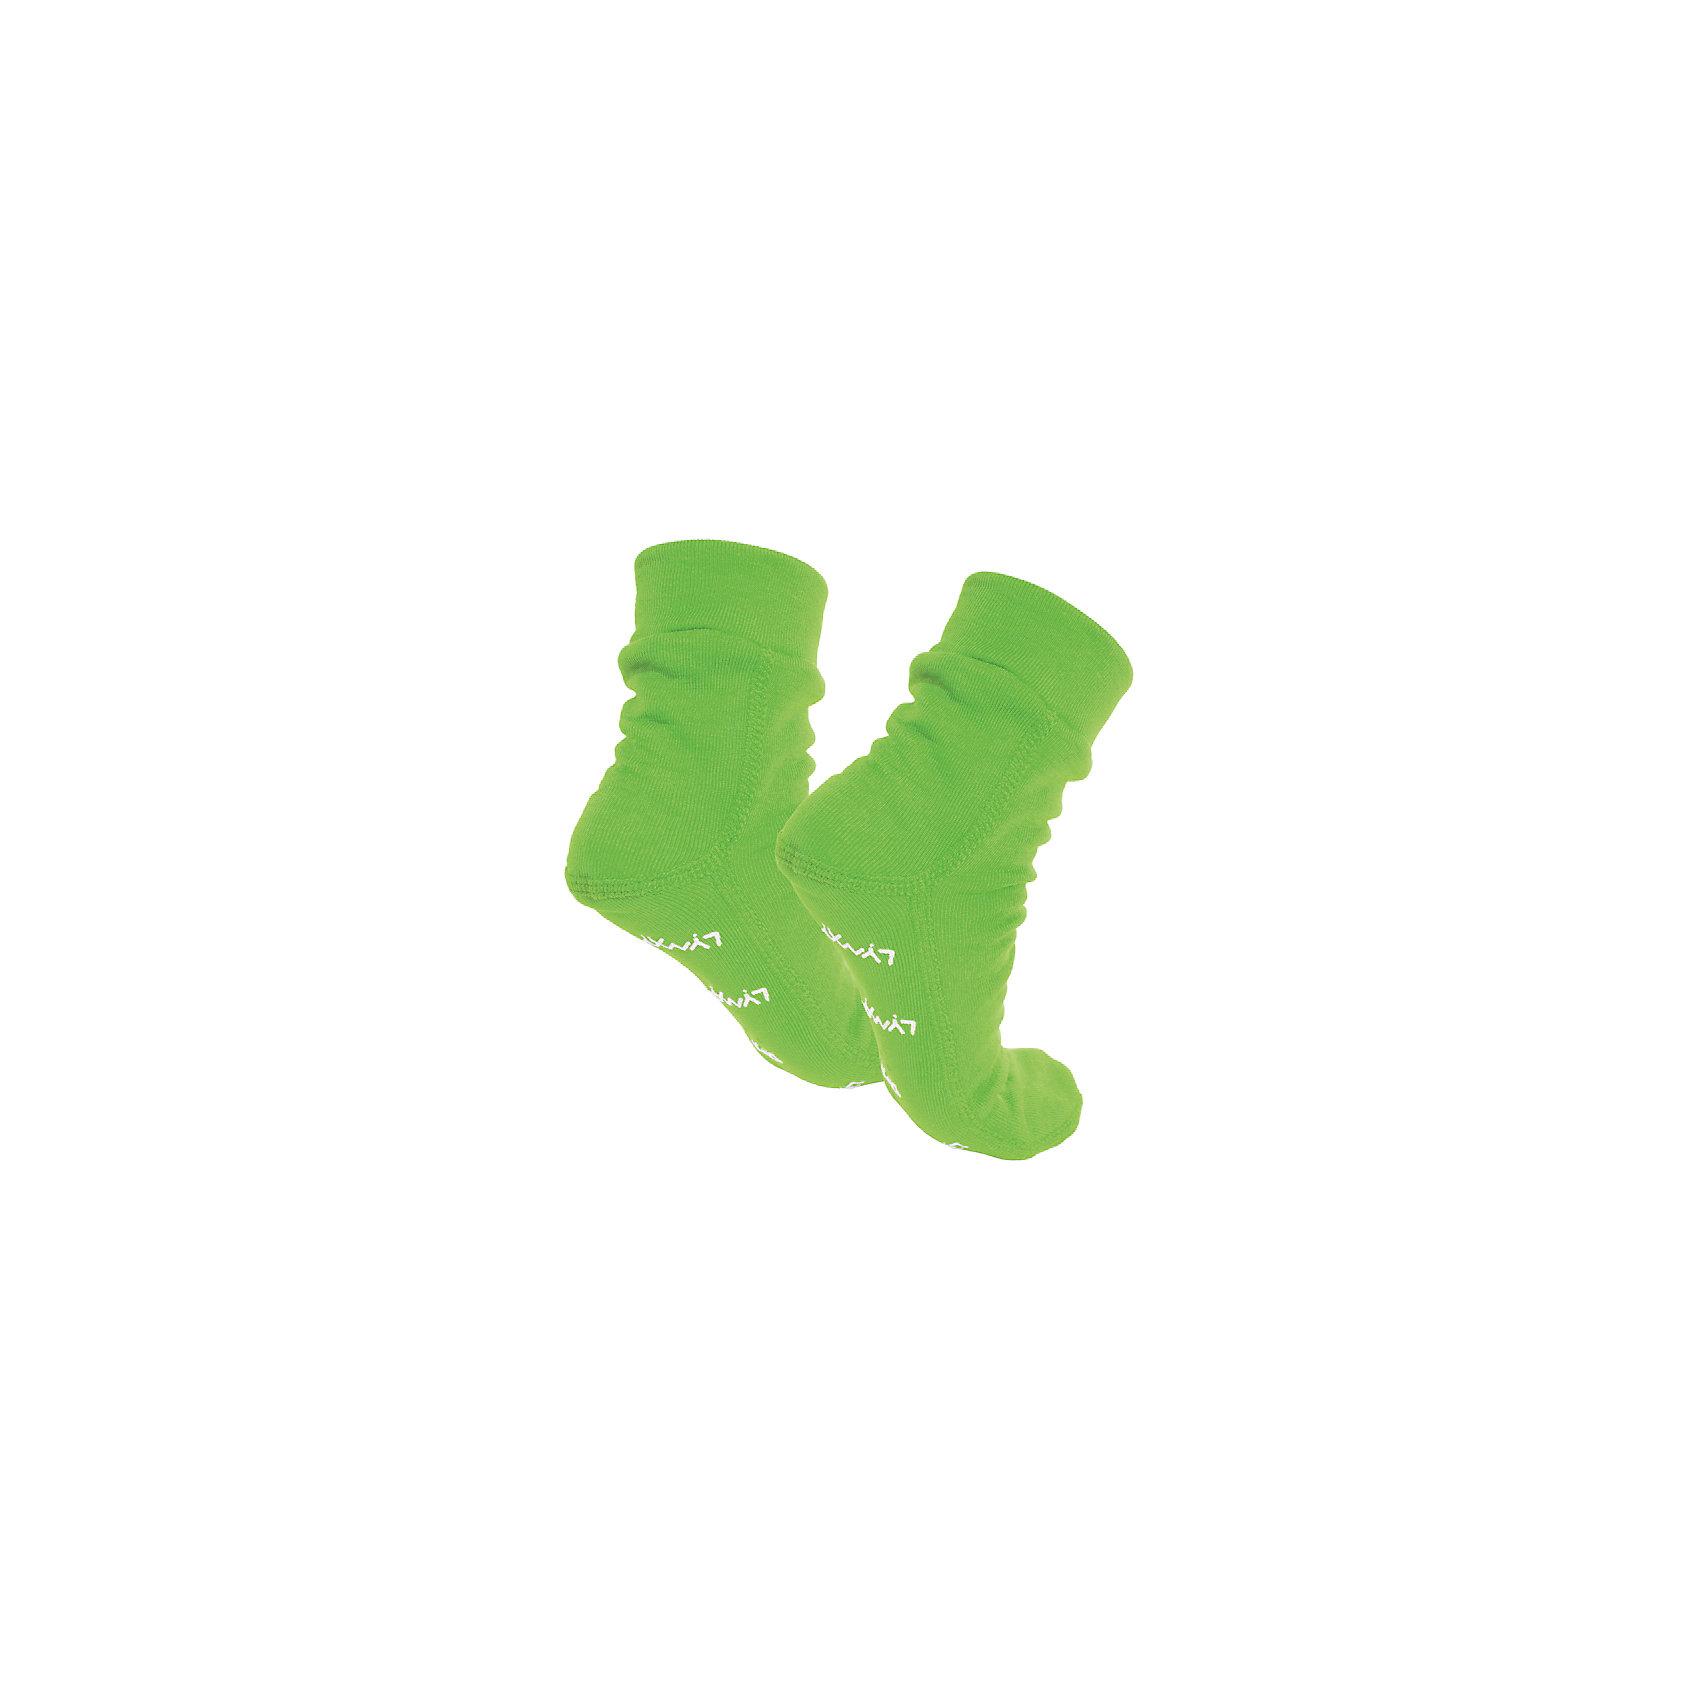 Термоноски LynxyТермоноски от известного бренда Lynxy.<br>Детские носочки выполнены из мягкого термополотна Trevira с микроначесом с изнаночной стороны. Благодаря эластичному и мягкому полотну изделие приятно к телу, плоские швы и эргономические лекала обеспечивают комфортное прилегание. Идеально сохраняет тепло и выводит влагу, позволяя коже оставаться сухой. Благодаря присутствию ионов серебра в структуре полотна, имеет противомикробные свойства. Идеально подходит для длительных прогулок и активных занятий спортом в холодное время года до - 30 градусов. Рекомендуется деликатная машинная стирка при температуре 40 градусов без предварительного замачивания.<br>Состав:<br>полиэстер 95%, вискоза 5%<br><br>Ширина мм: 87<br>Глубина мм: 10<br>Высота мм: 105<br>Вес г: 115<br>Цвет: зеленый<br>Возраст от месяцев: 10<br>Возраст до месяцев: 18<br>Пол: Унисекс<br>Возраст: Детский<br>Размер: 20-23,23-26,33-35,19/20,29-32,27-29<br>SKU: 4971303